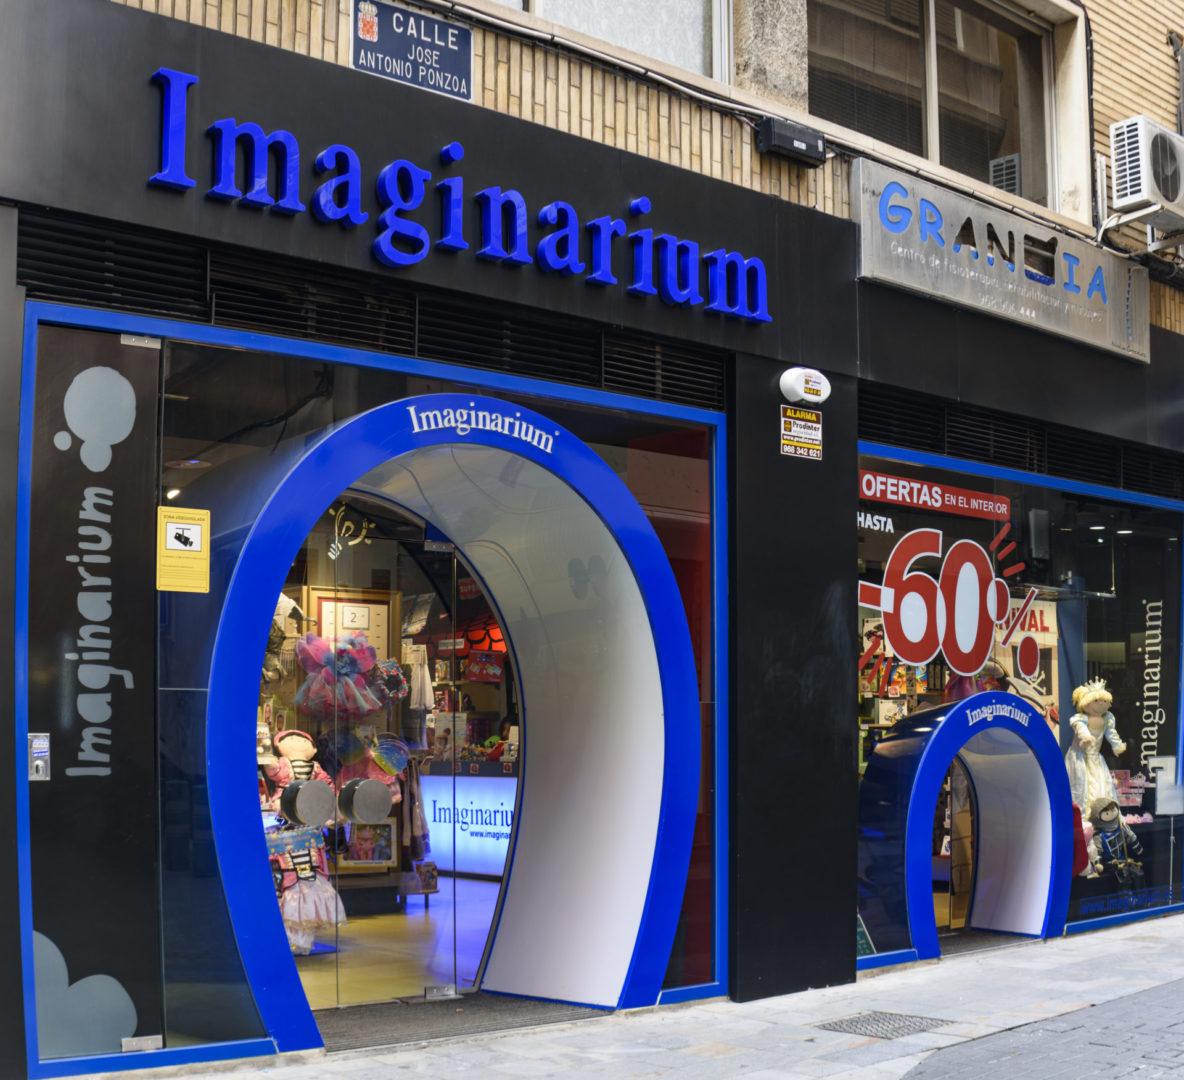 Imaginarium -03-Urdecon